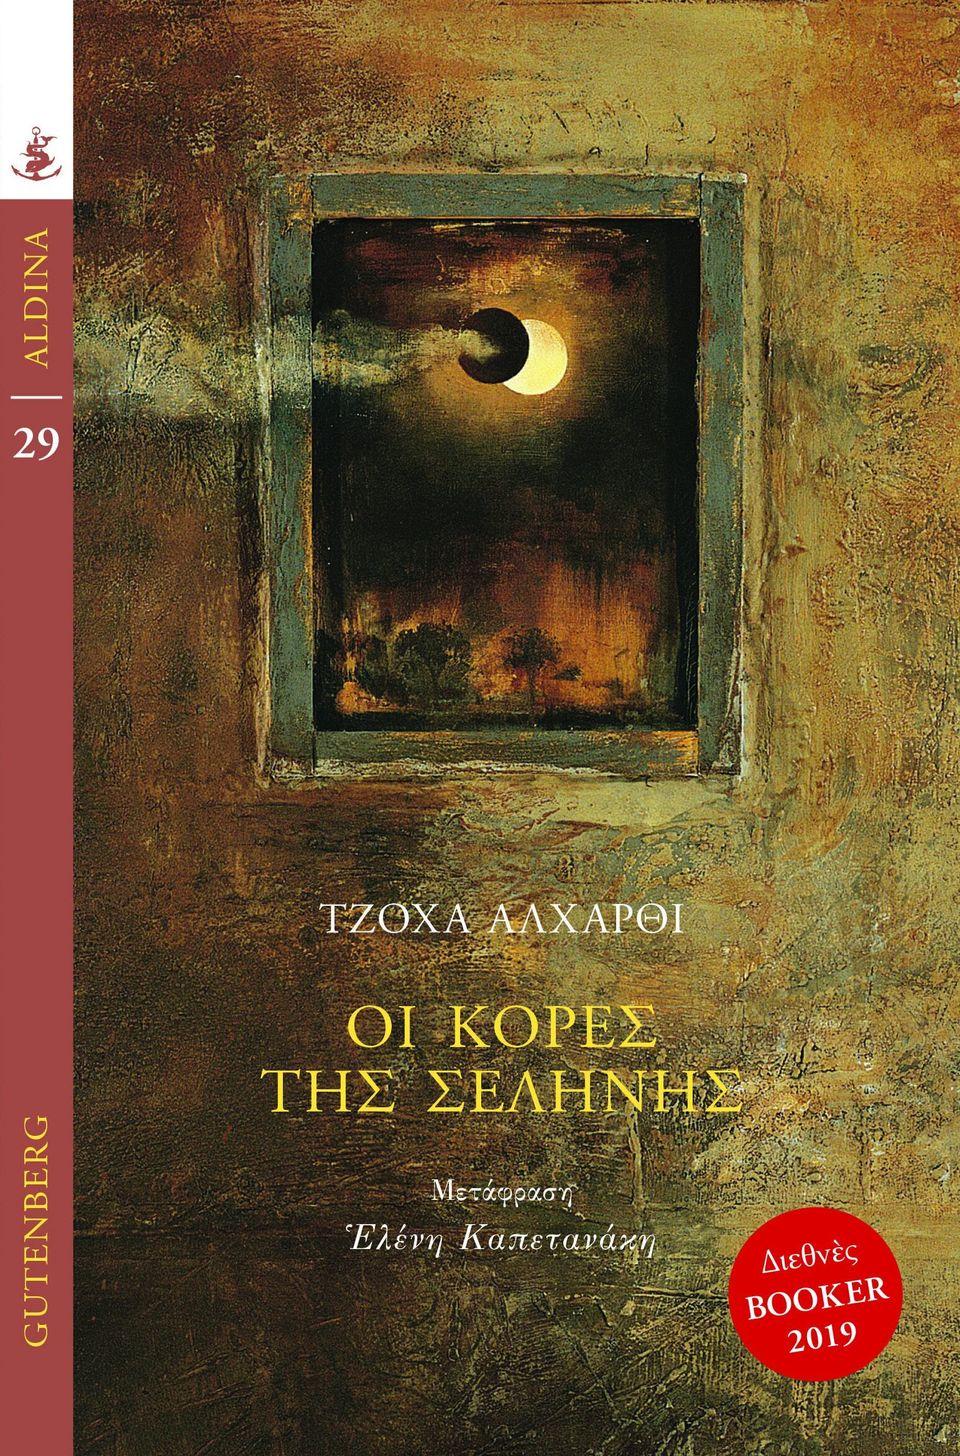 Δέκα + 2 νέα βιβλία για τον Μάιο και επιστροφή στα